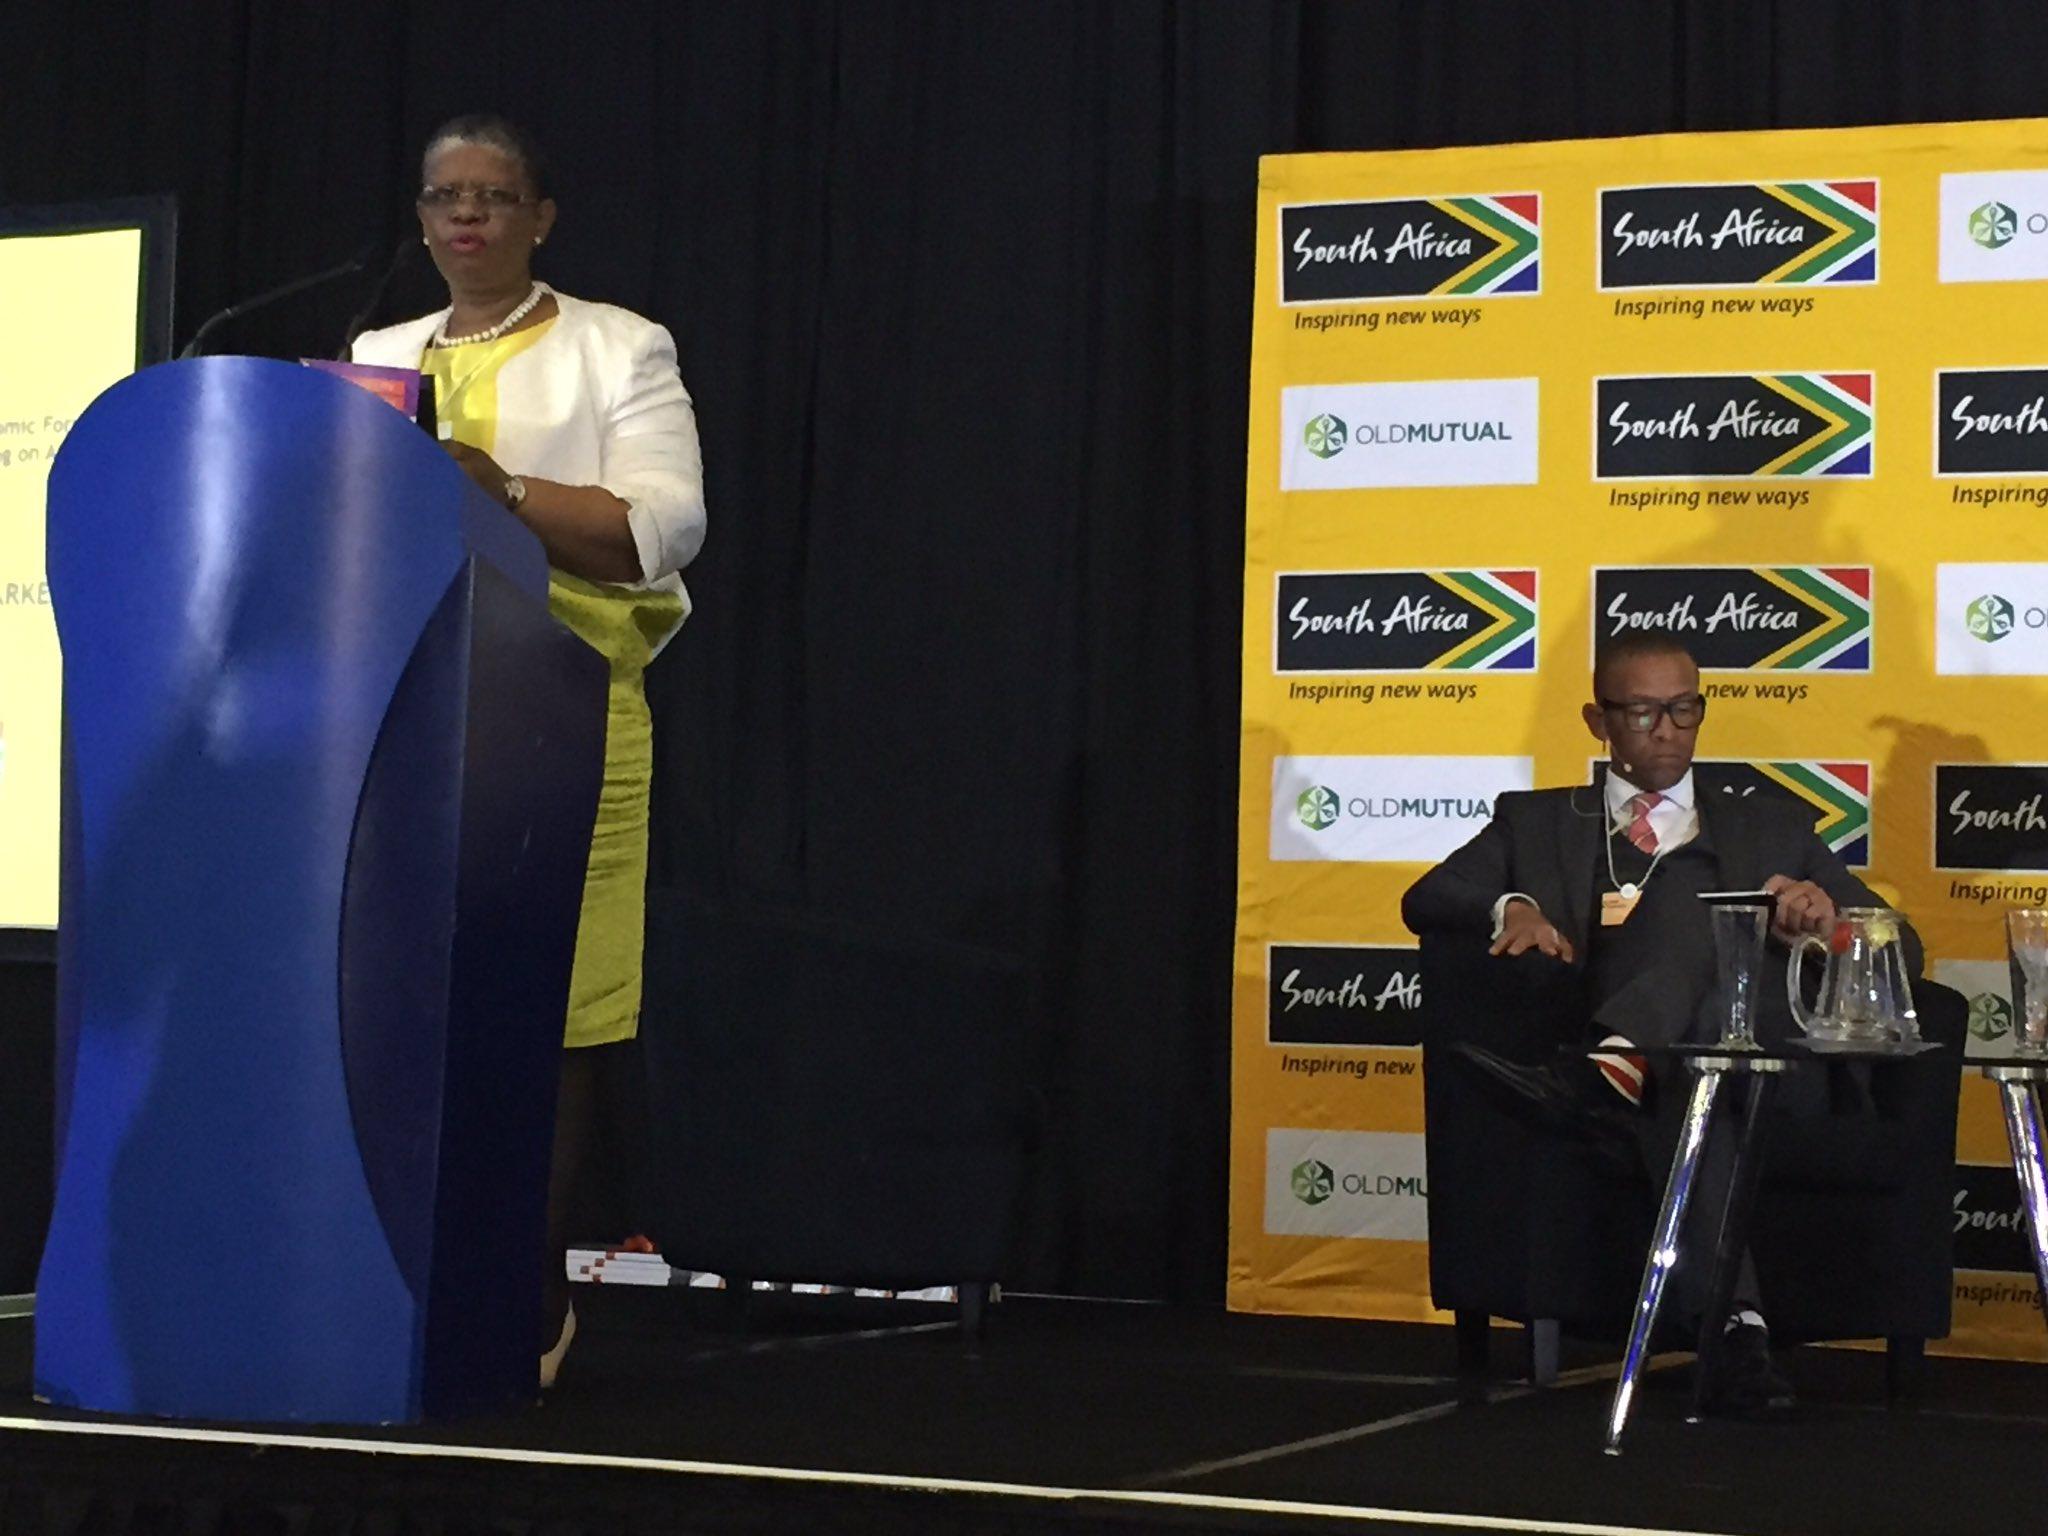 #ZandileGumede - eThejwini Mayor closes the #BrandSAYouthBreakfast #WEFAfrica2017 #connectingAfrica cc @Brand_SA @Andile_Khumalo https://t.co/AjJRH9aCOB